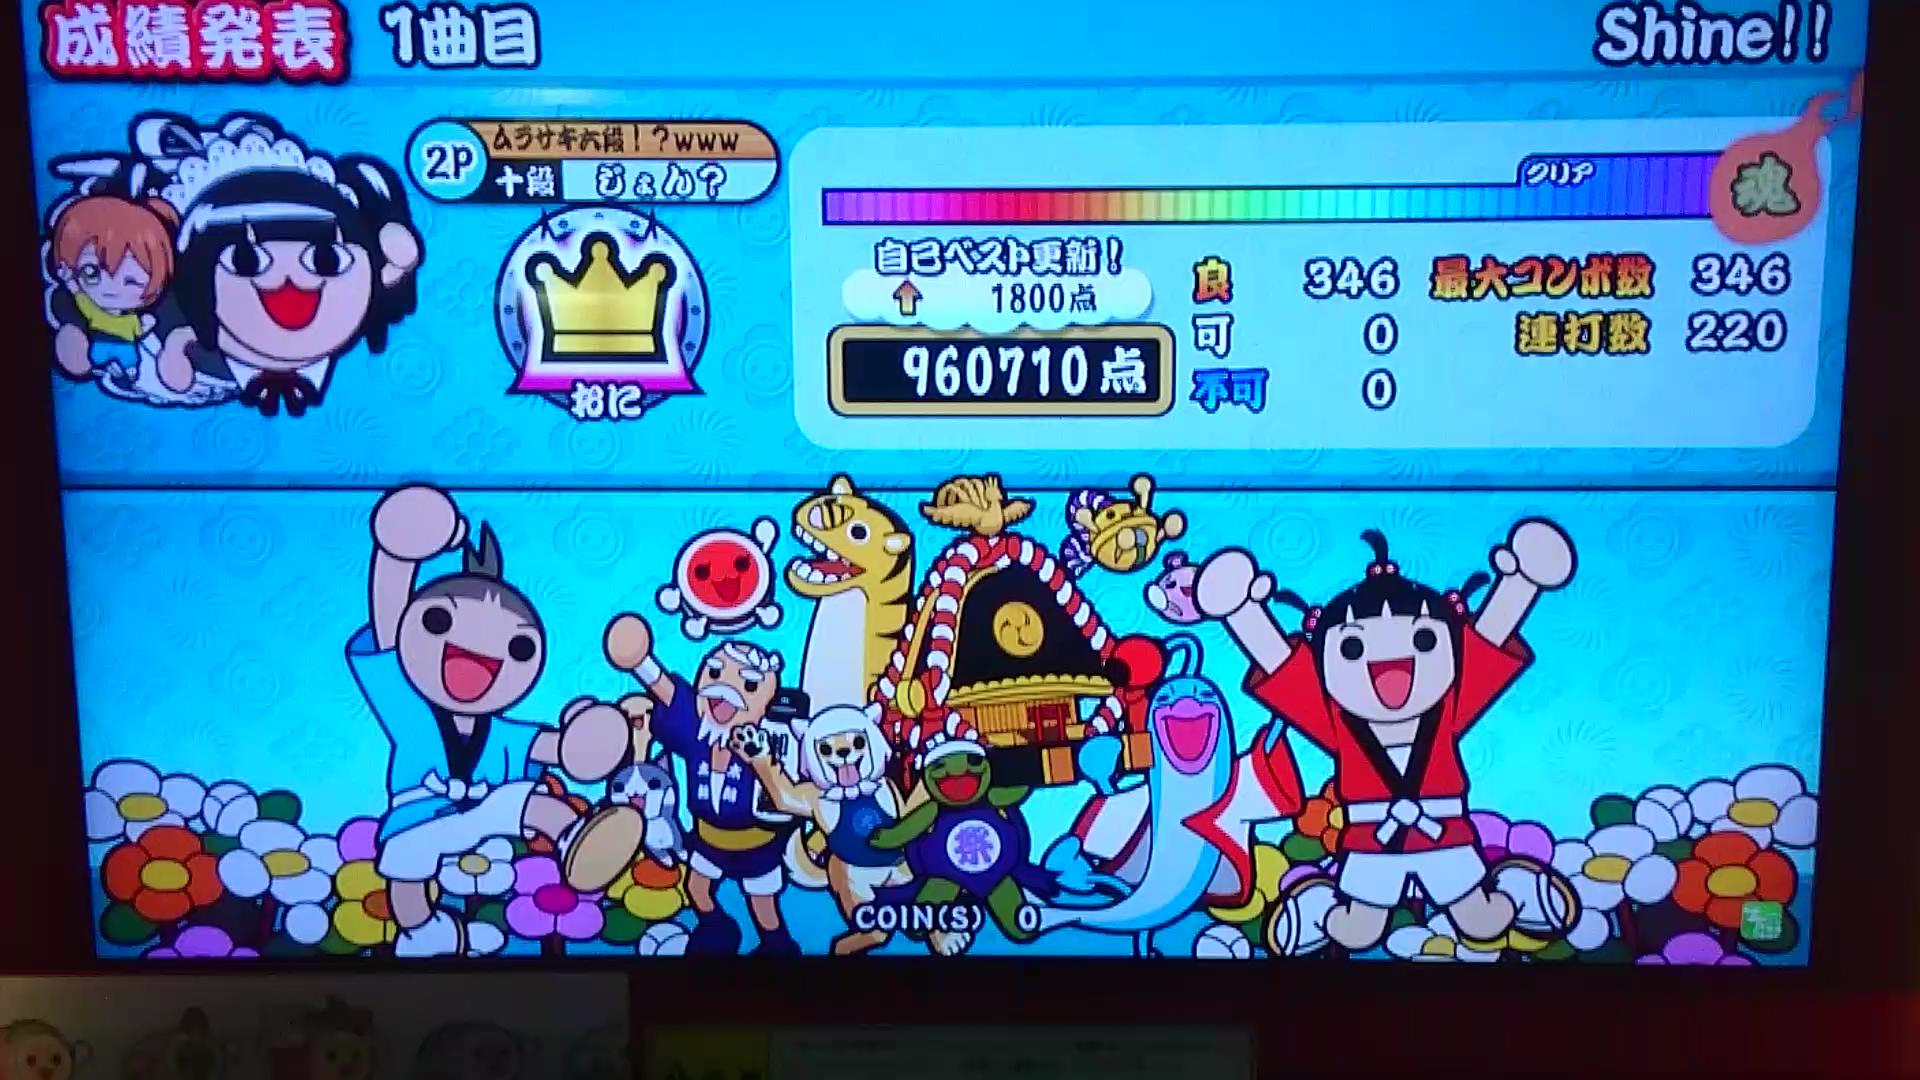 Shine!!